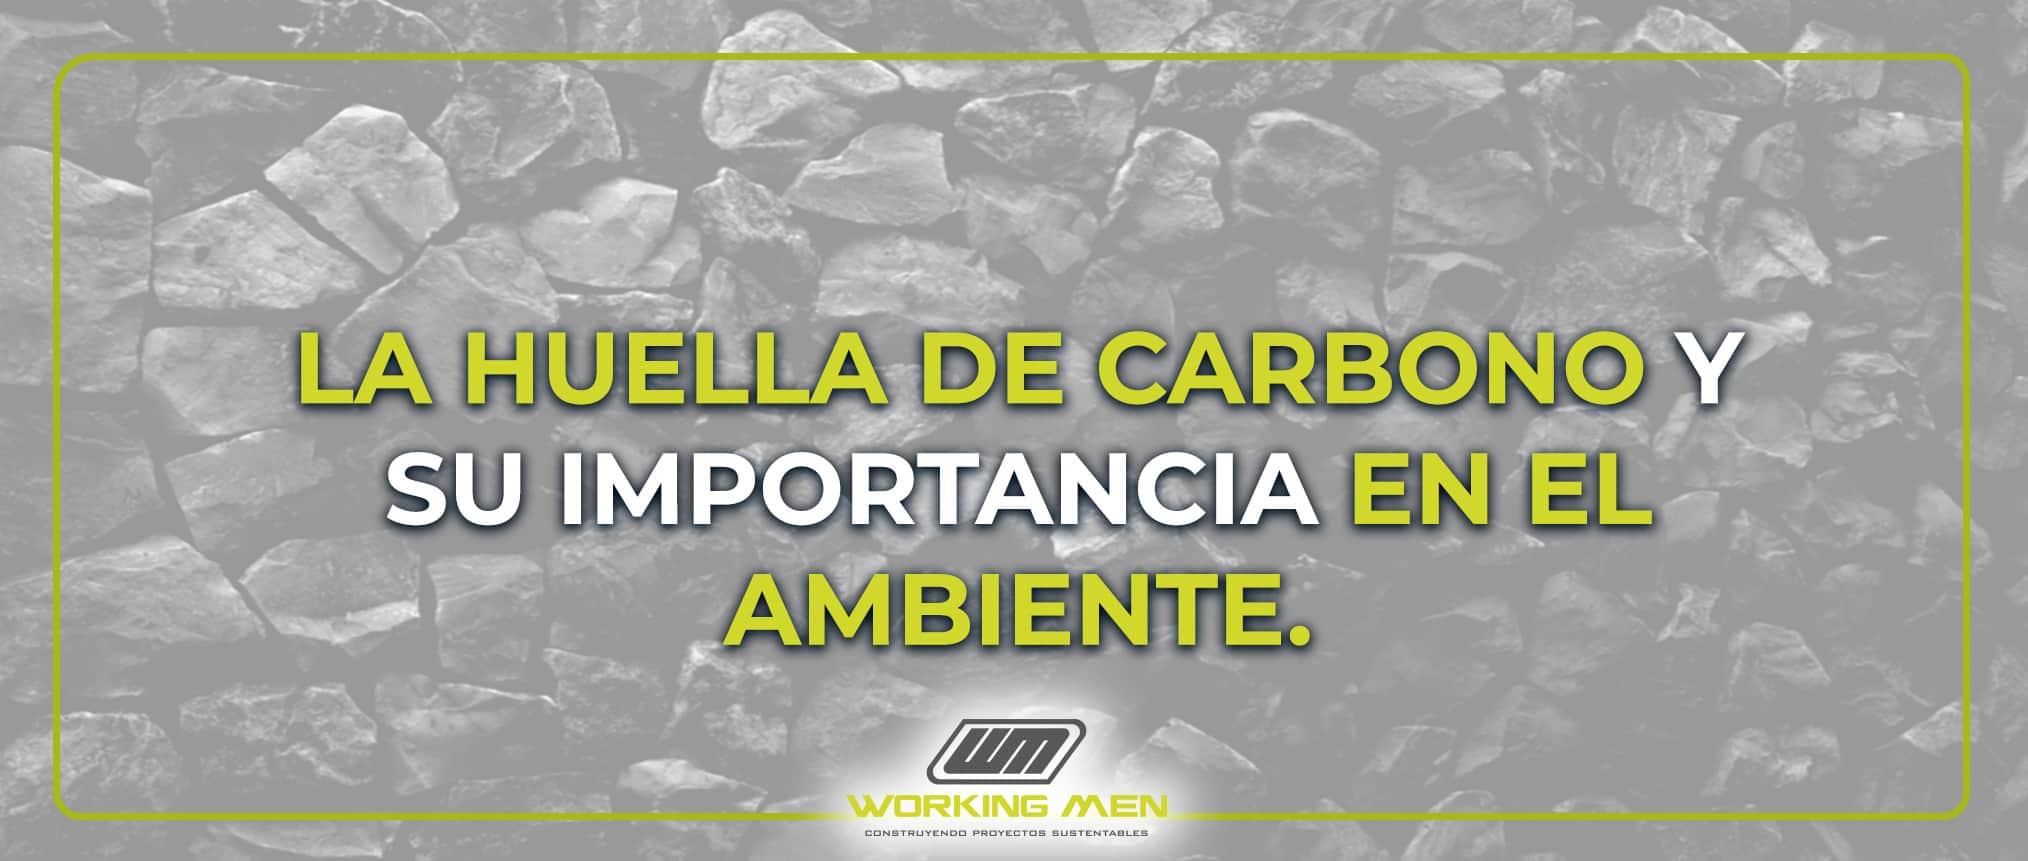 La huella de carbono y su importancia en el ambiente.